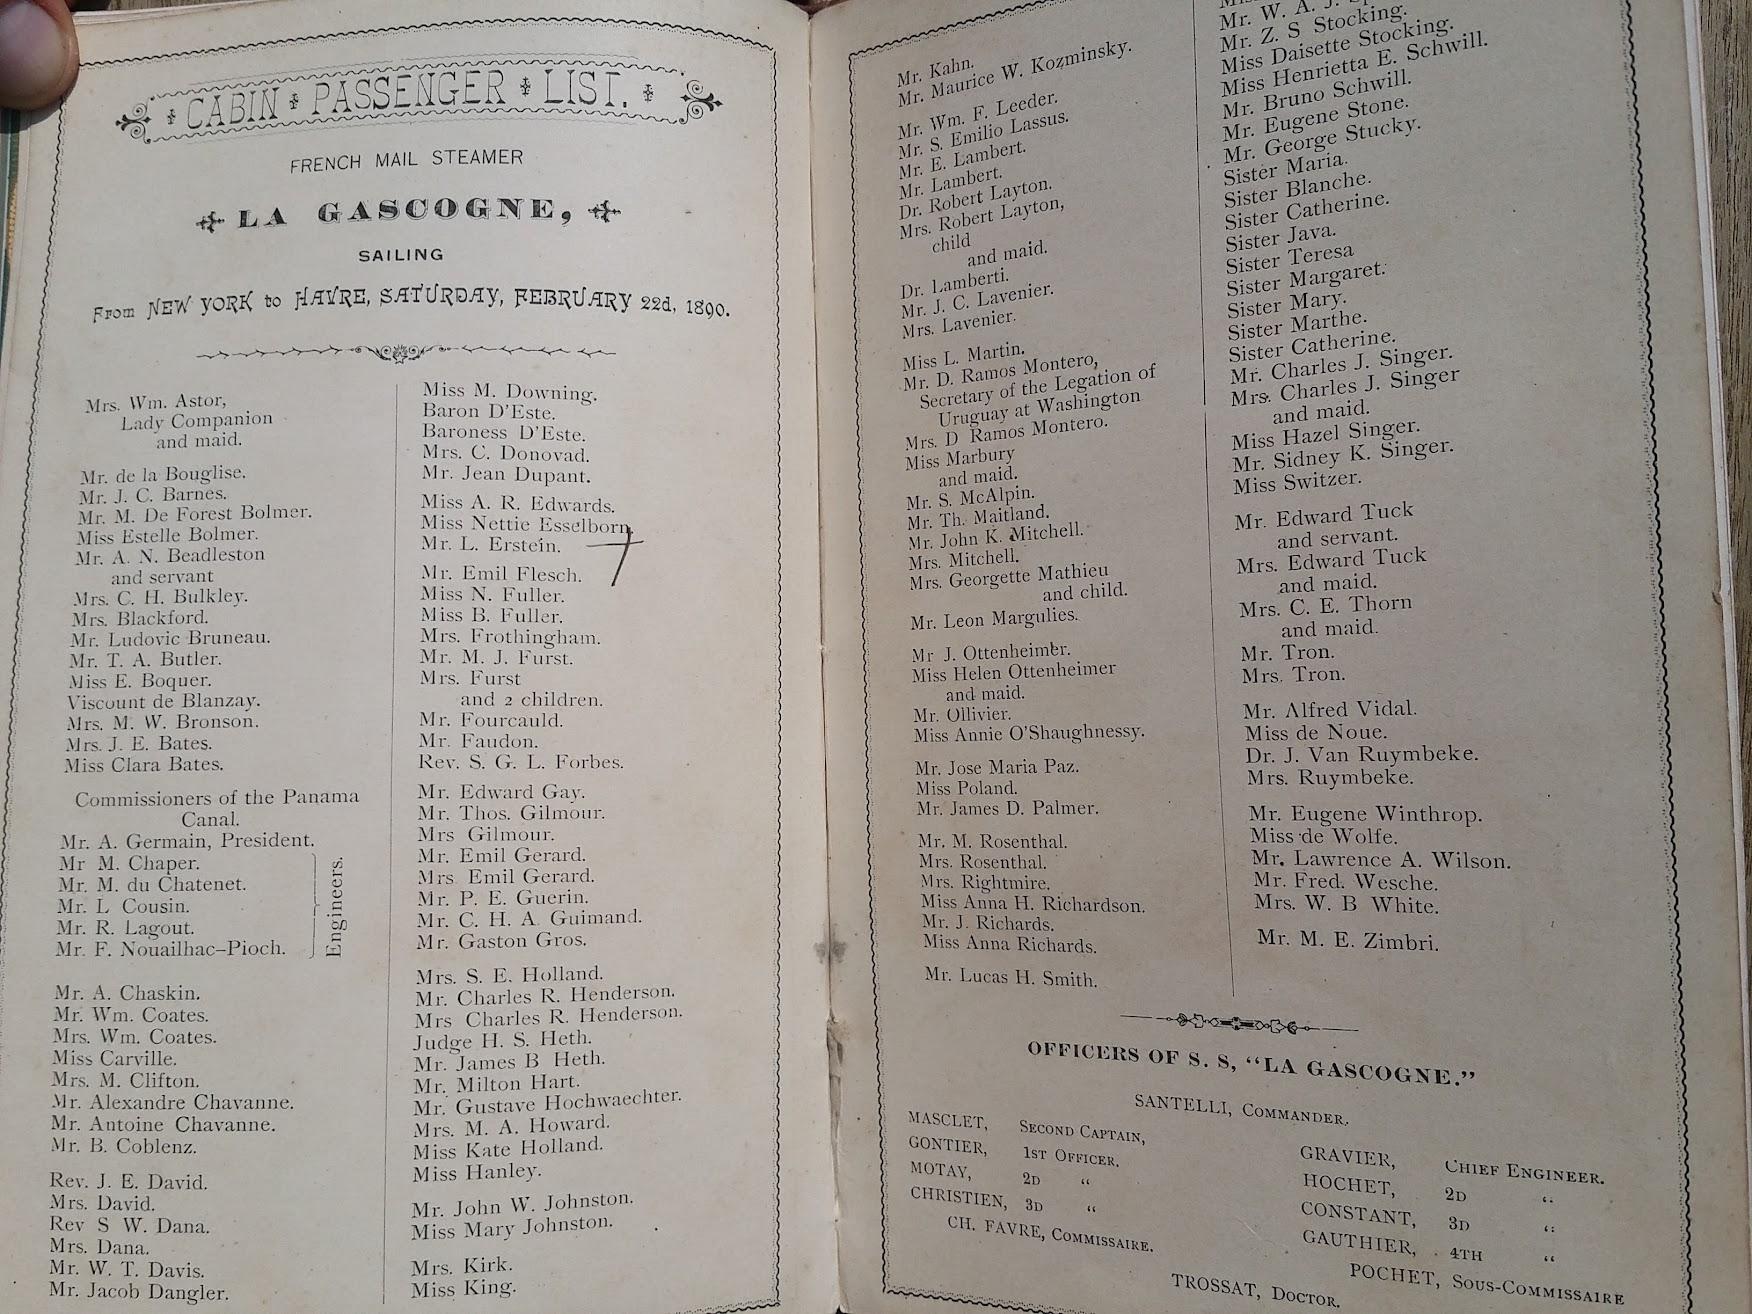 Compagnie Generale Transatlantique, New York - Le Havre - Paris, Passagierliste 1890 - La Gascogne